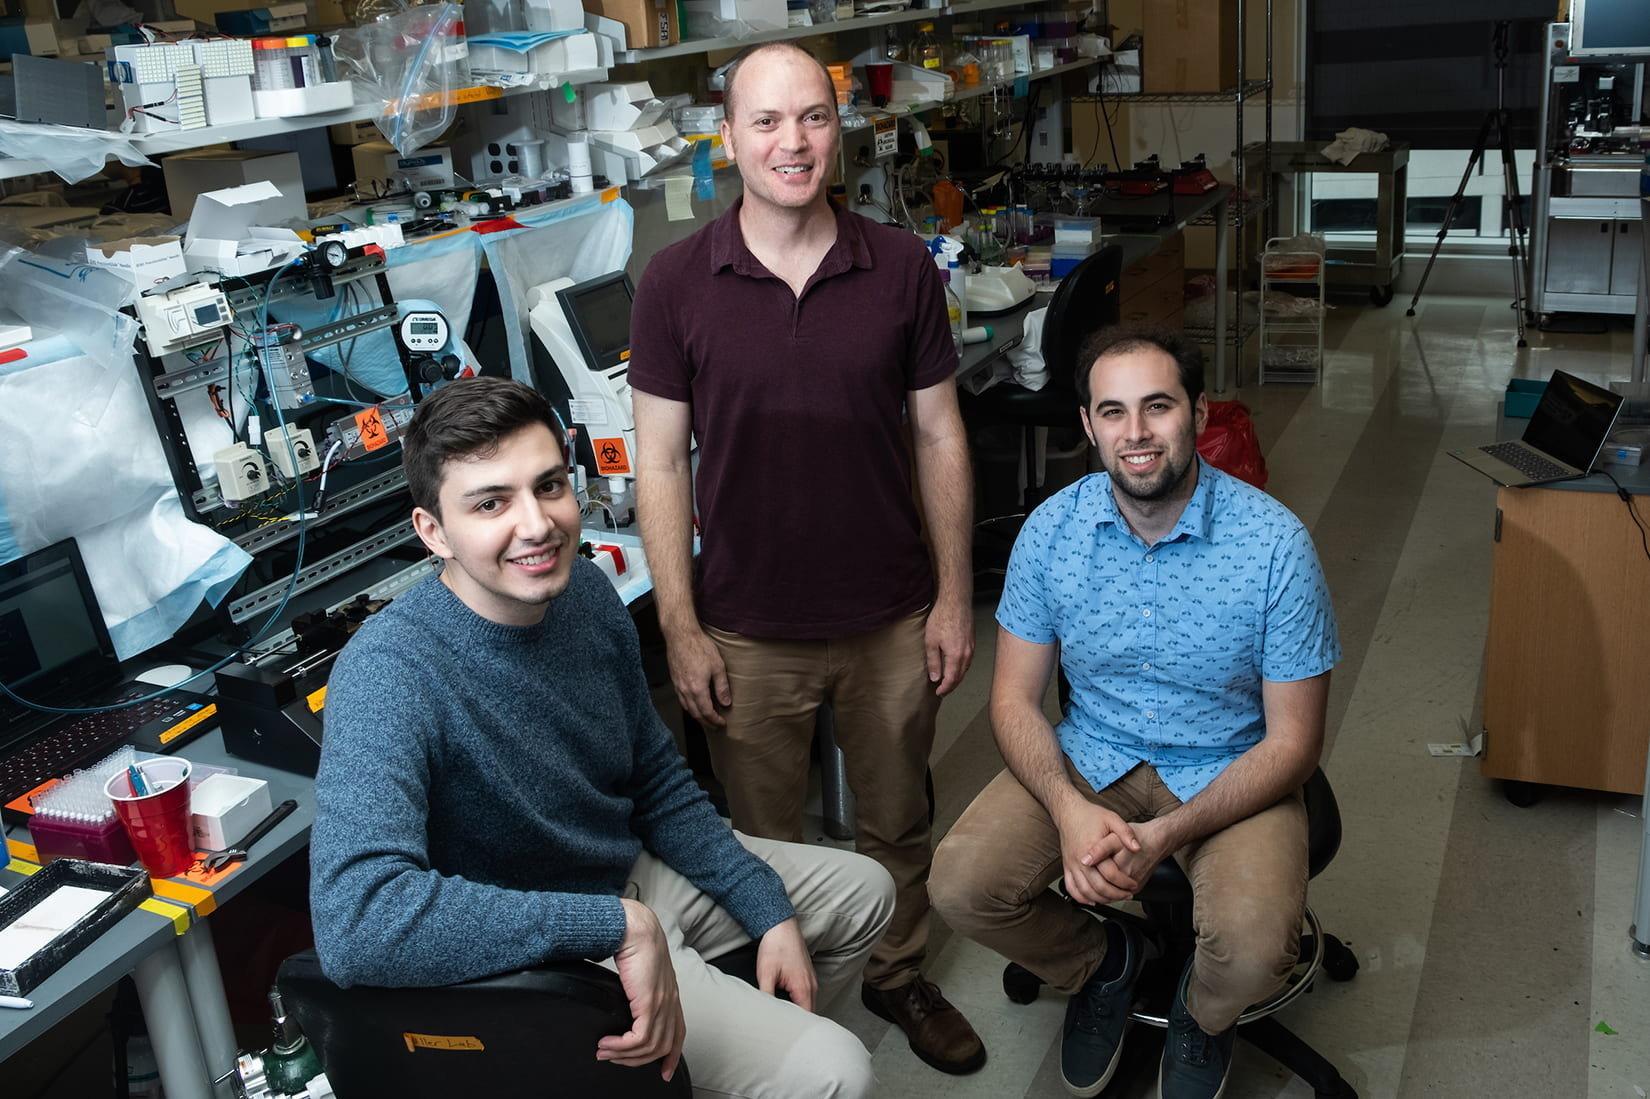 De izquierda a derecha, los bioingenieros Bragat Grigorián, Jordan Miller y Daniel Sazer, unos de los responsables de la técnica SLATE.